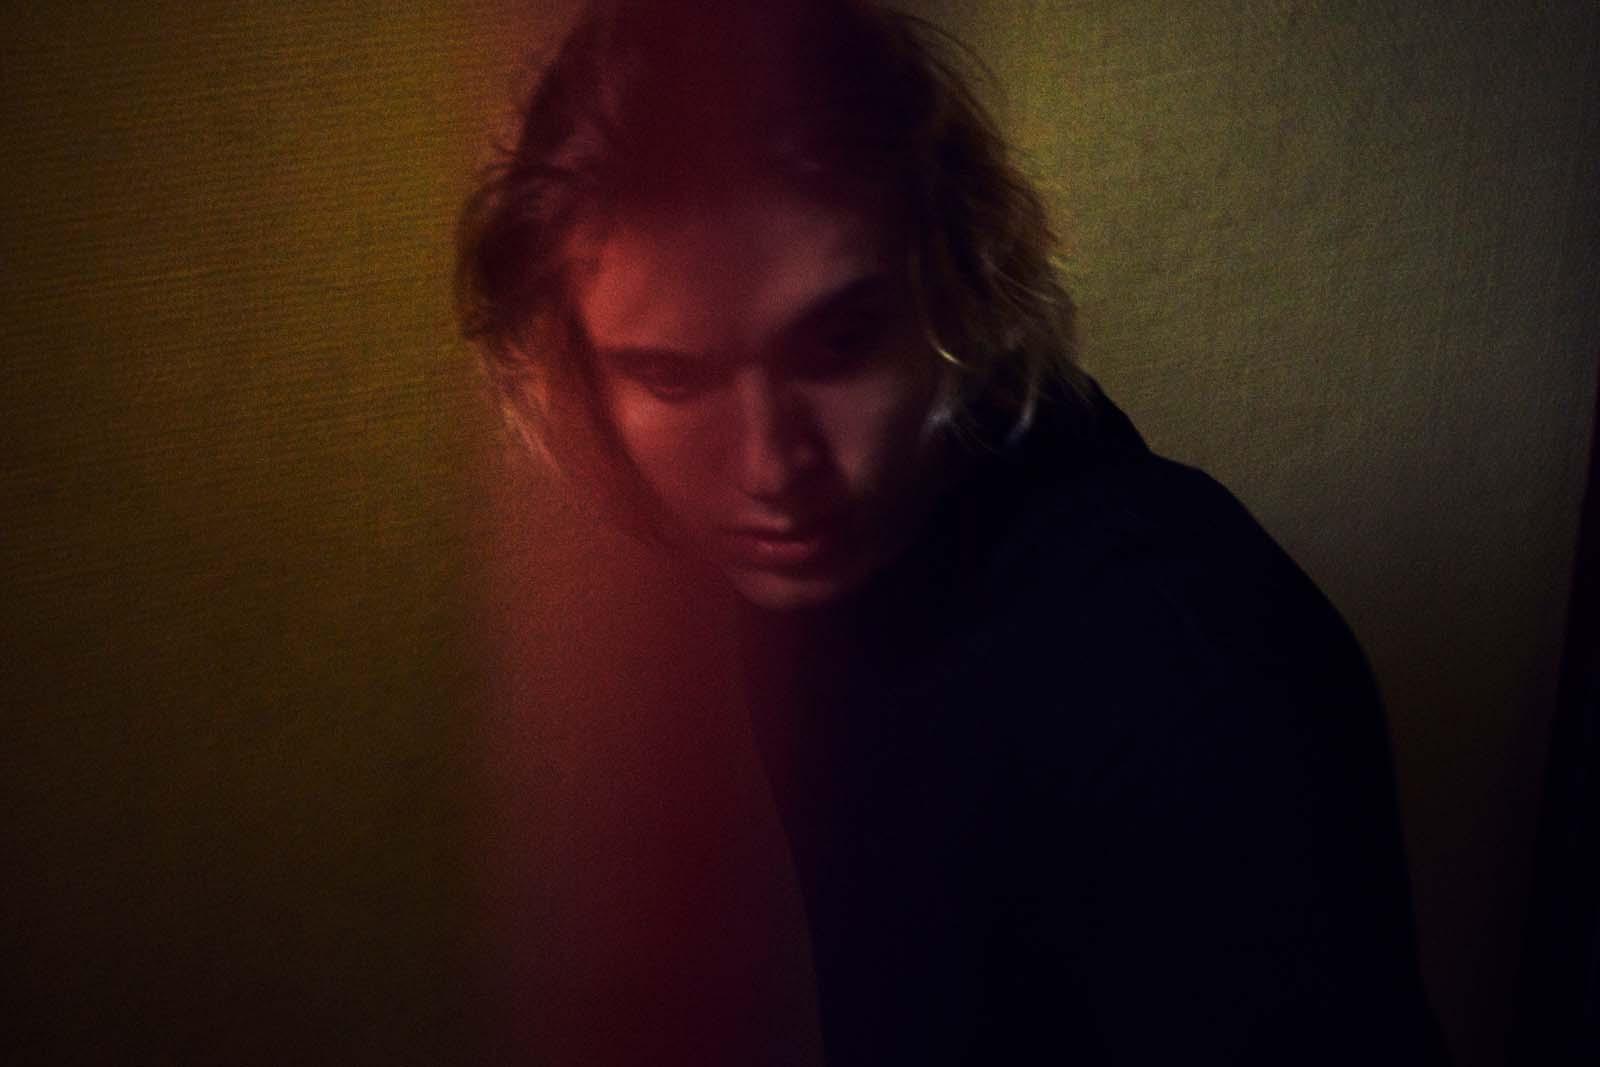 Stefan Rappo, Portraits